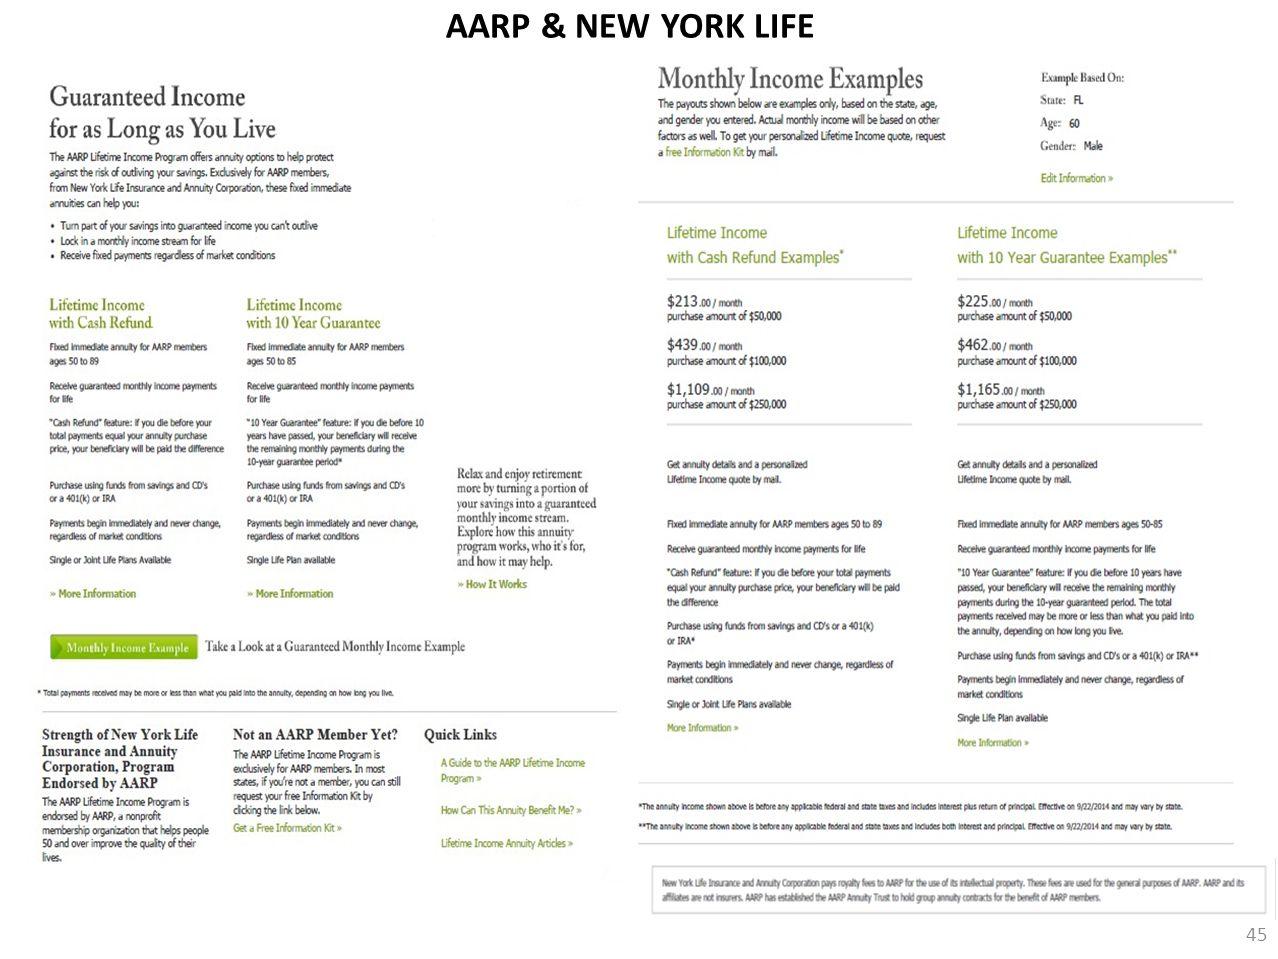 AARP & NEW YORK LIFE 45